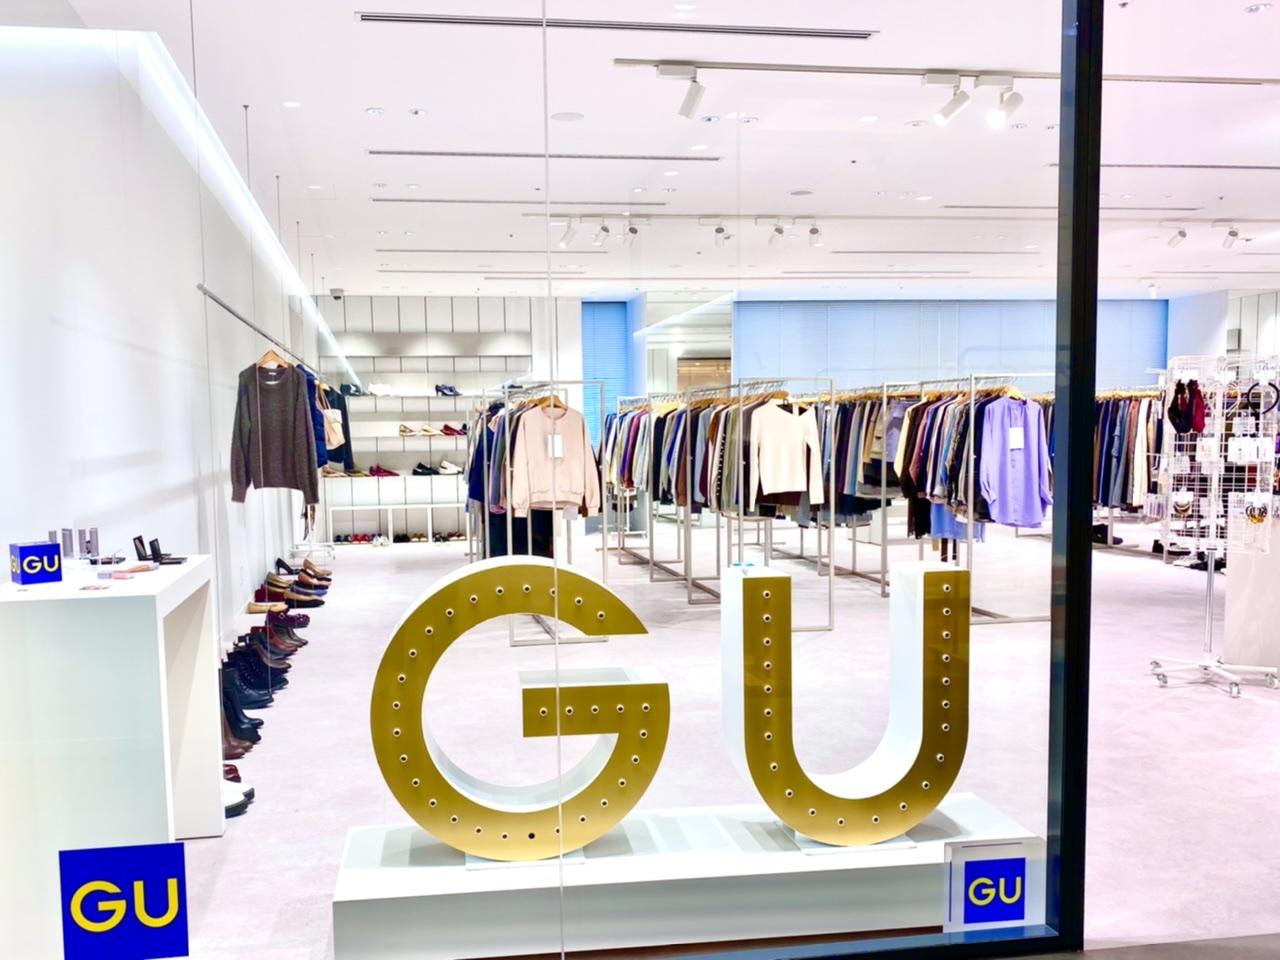 【GU独占取材その2】『GU』ショールームへ潜入! プレスが実はイチオシしてる「使えるブーツ」6選☆_1